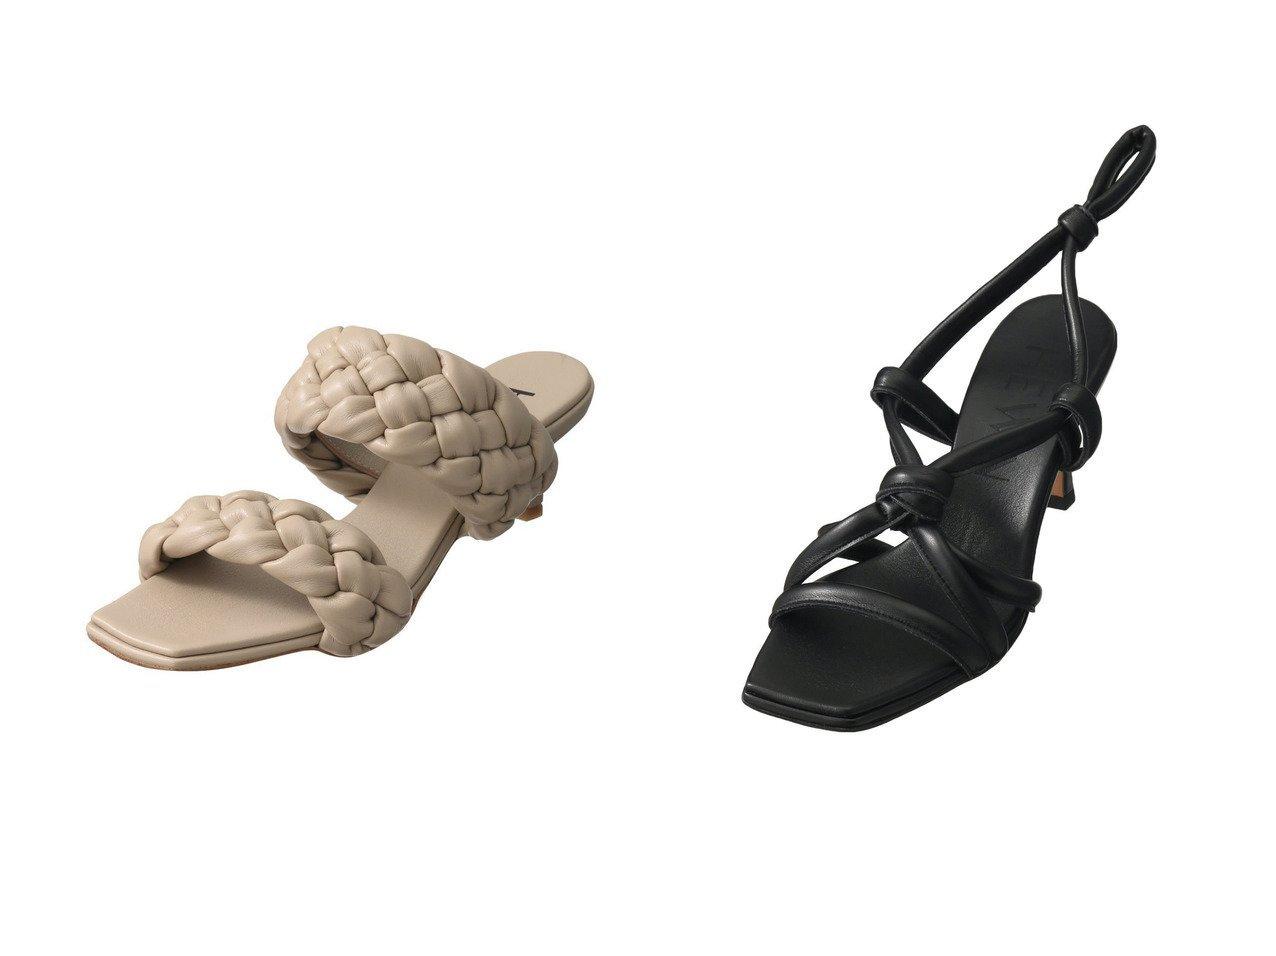 【HEWN/ヒューン】のブレードストラップミュール&スポンジストラップサンダル シューズ・靴のおすすめ!人気、トレンド・レディースファッションの通販 おすすめで人気の流行・トレンド、ファッションの通販商品 メンズファッション・キッズファッション・インテリア・家具・レディースファッション・服の通販 founy(ファニー) https://founy.com/ ファッション Fashion レディースファッション WOMEN 2021年 2021 2021 春夏 S/S SS Spring/Summer 2021 S/S 春夏 SS Spring/Summer インソール サンダル フィット 春 Spring |ID:crp329100000025023